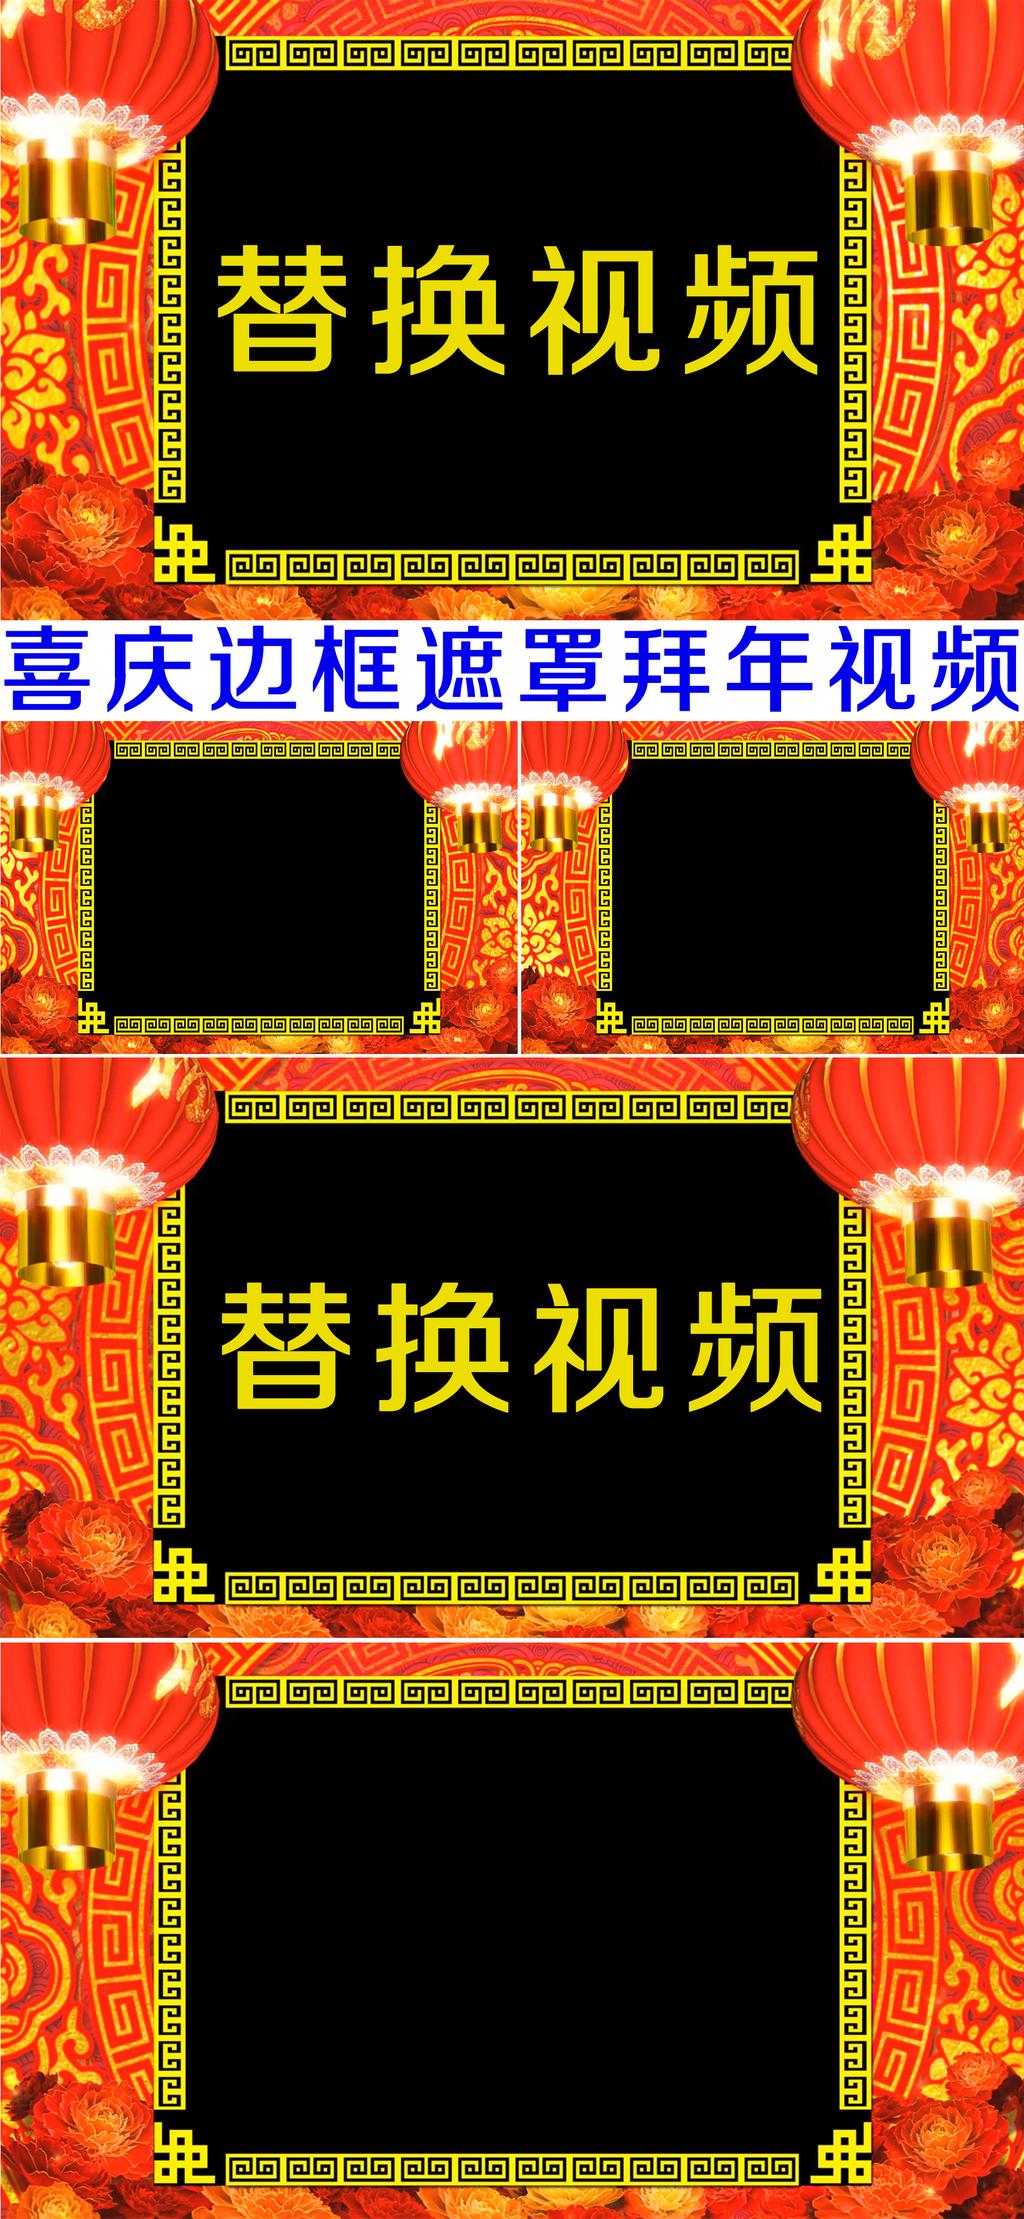 喜庆灯笼中国风边框遮罩背景视频图片设计素材_高清(.